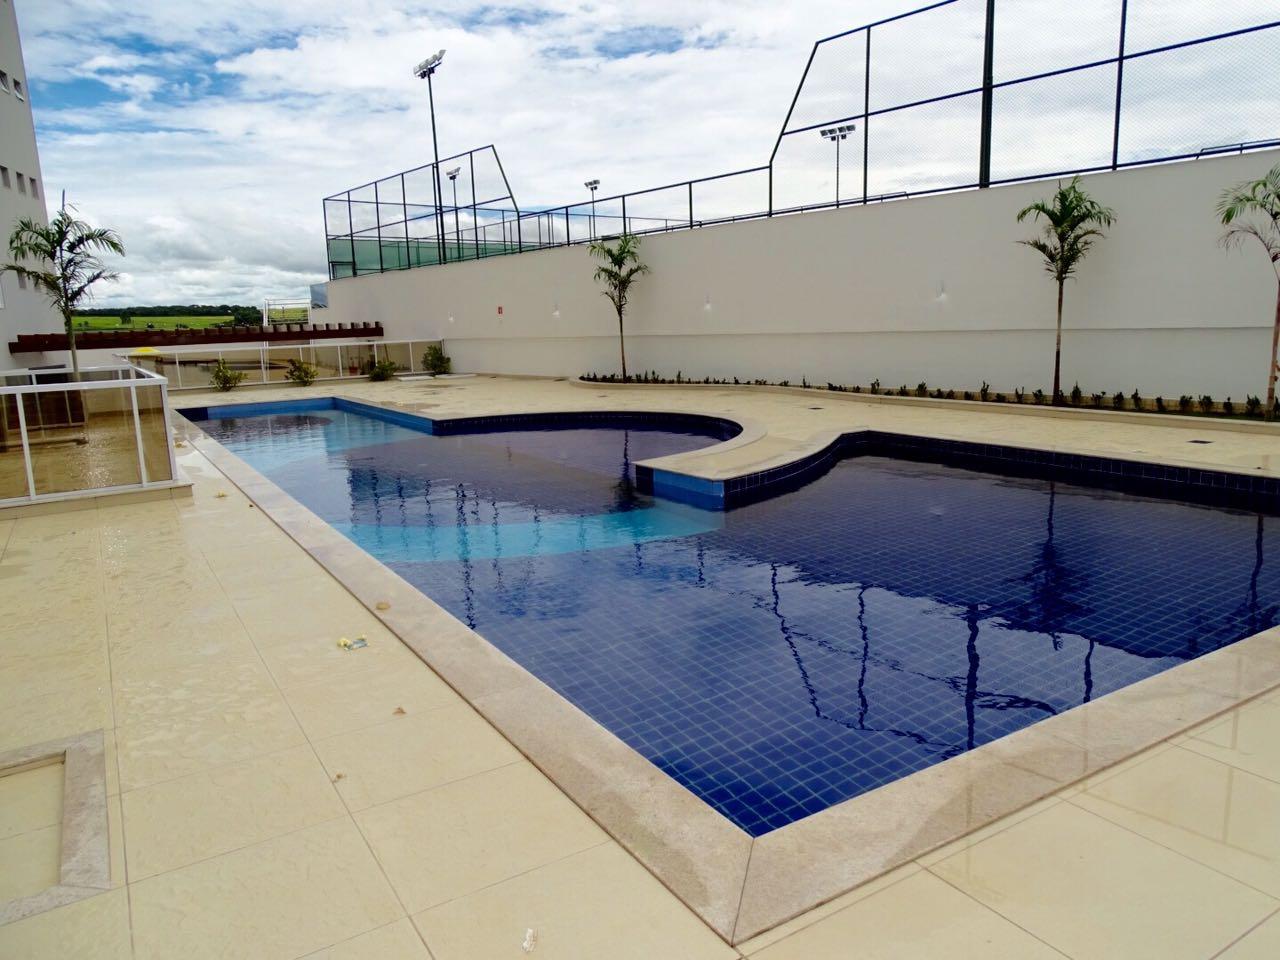 Apartamentos a venda em Rio Verde Goiás 2019 MontBlanc Residence